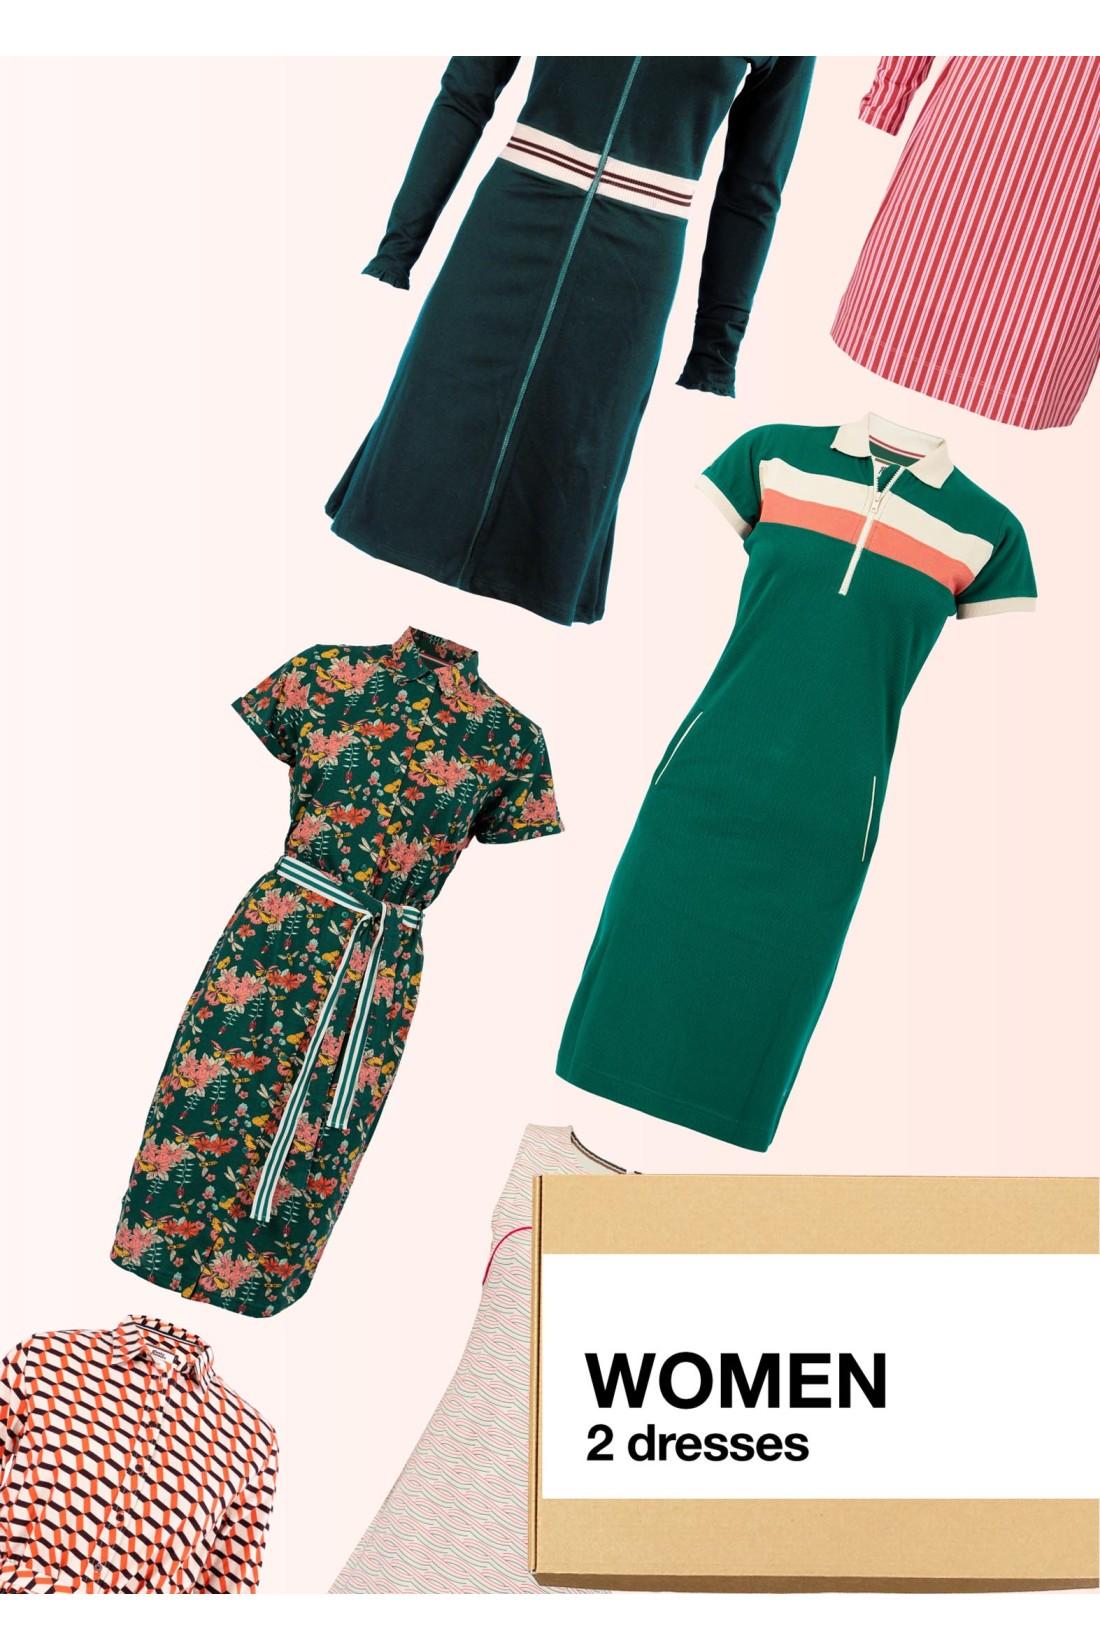 Surprise Box Women - 2 Dresses